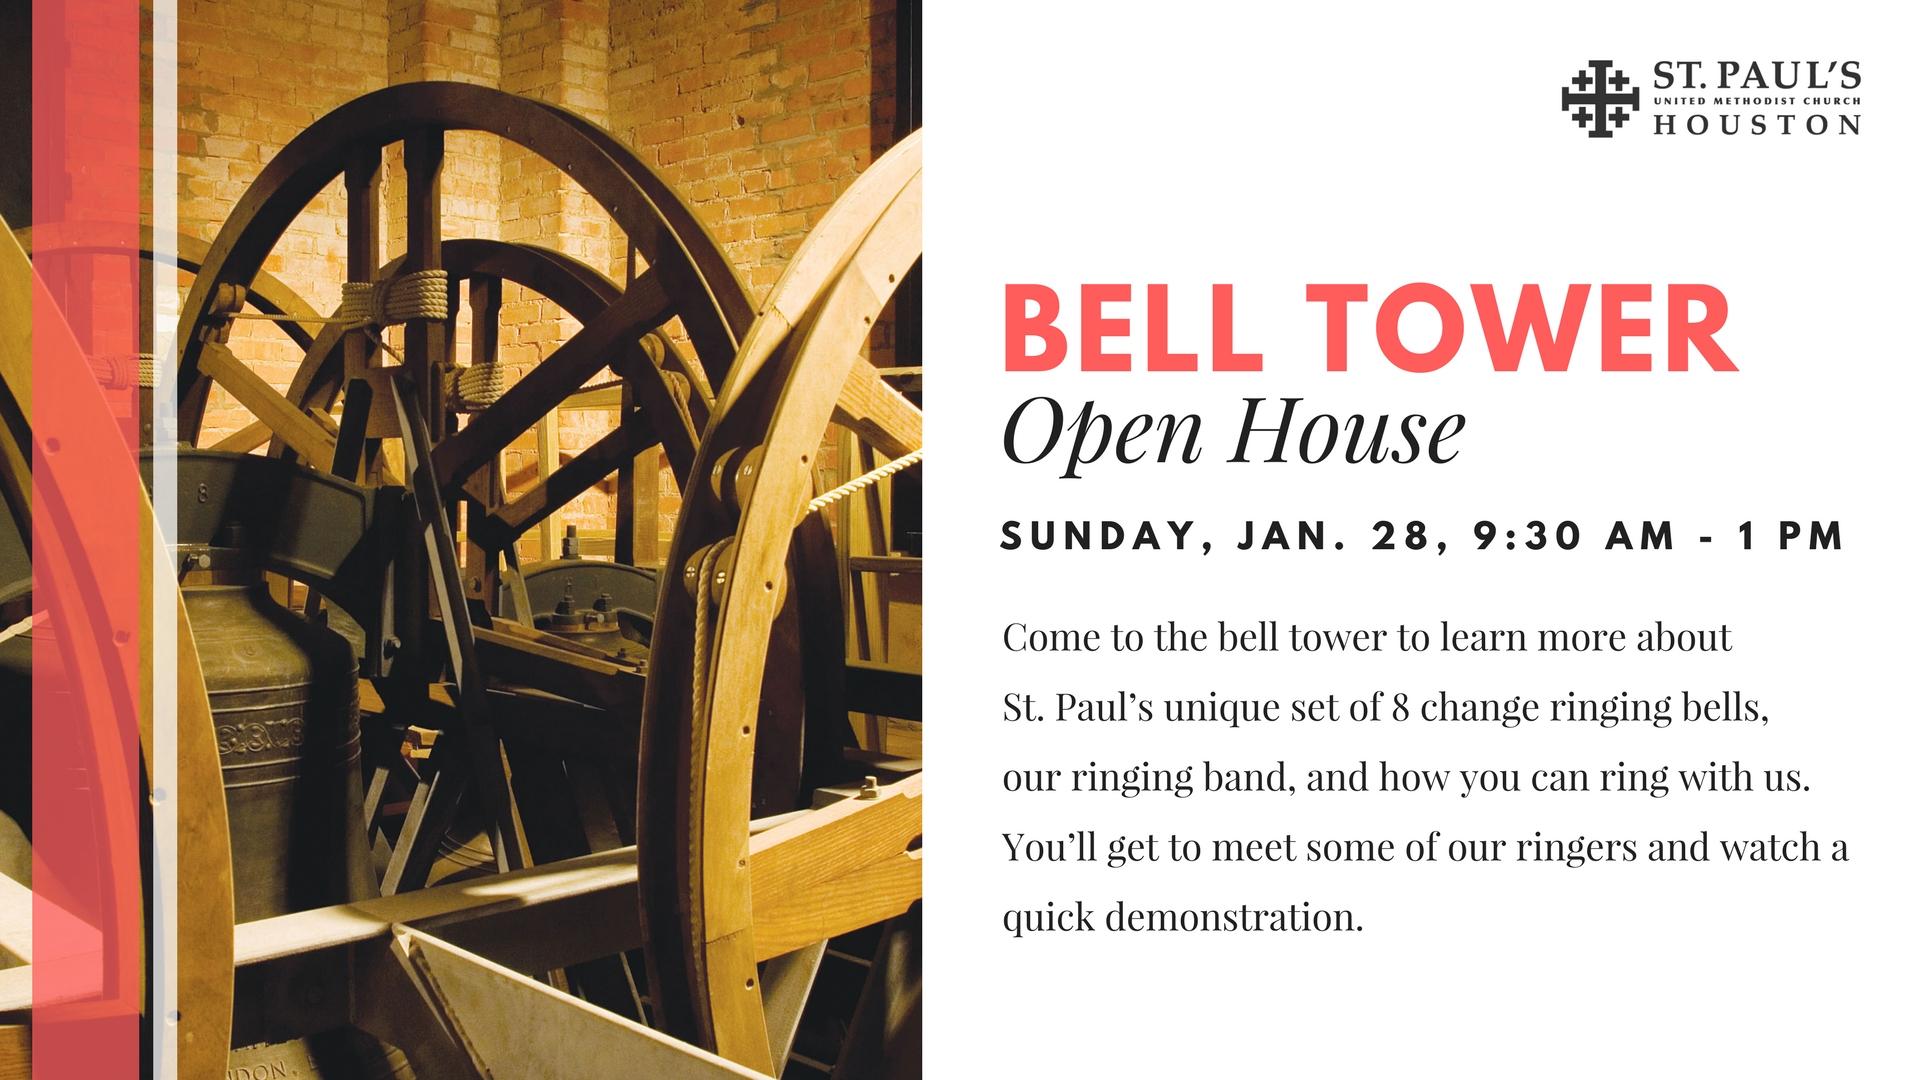 16x9 bell tower open house.jpg